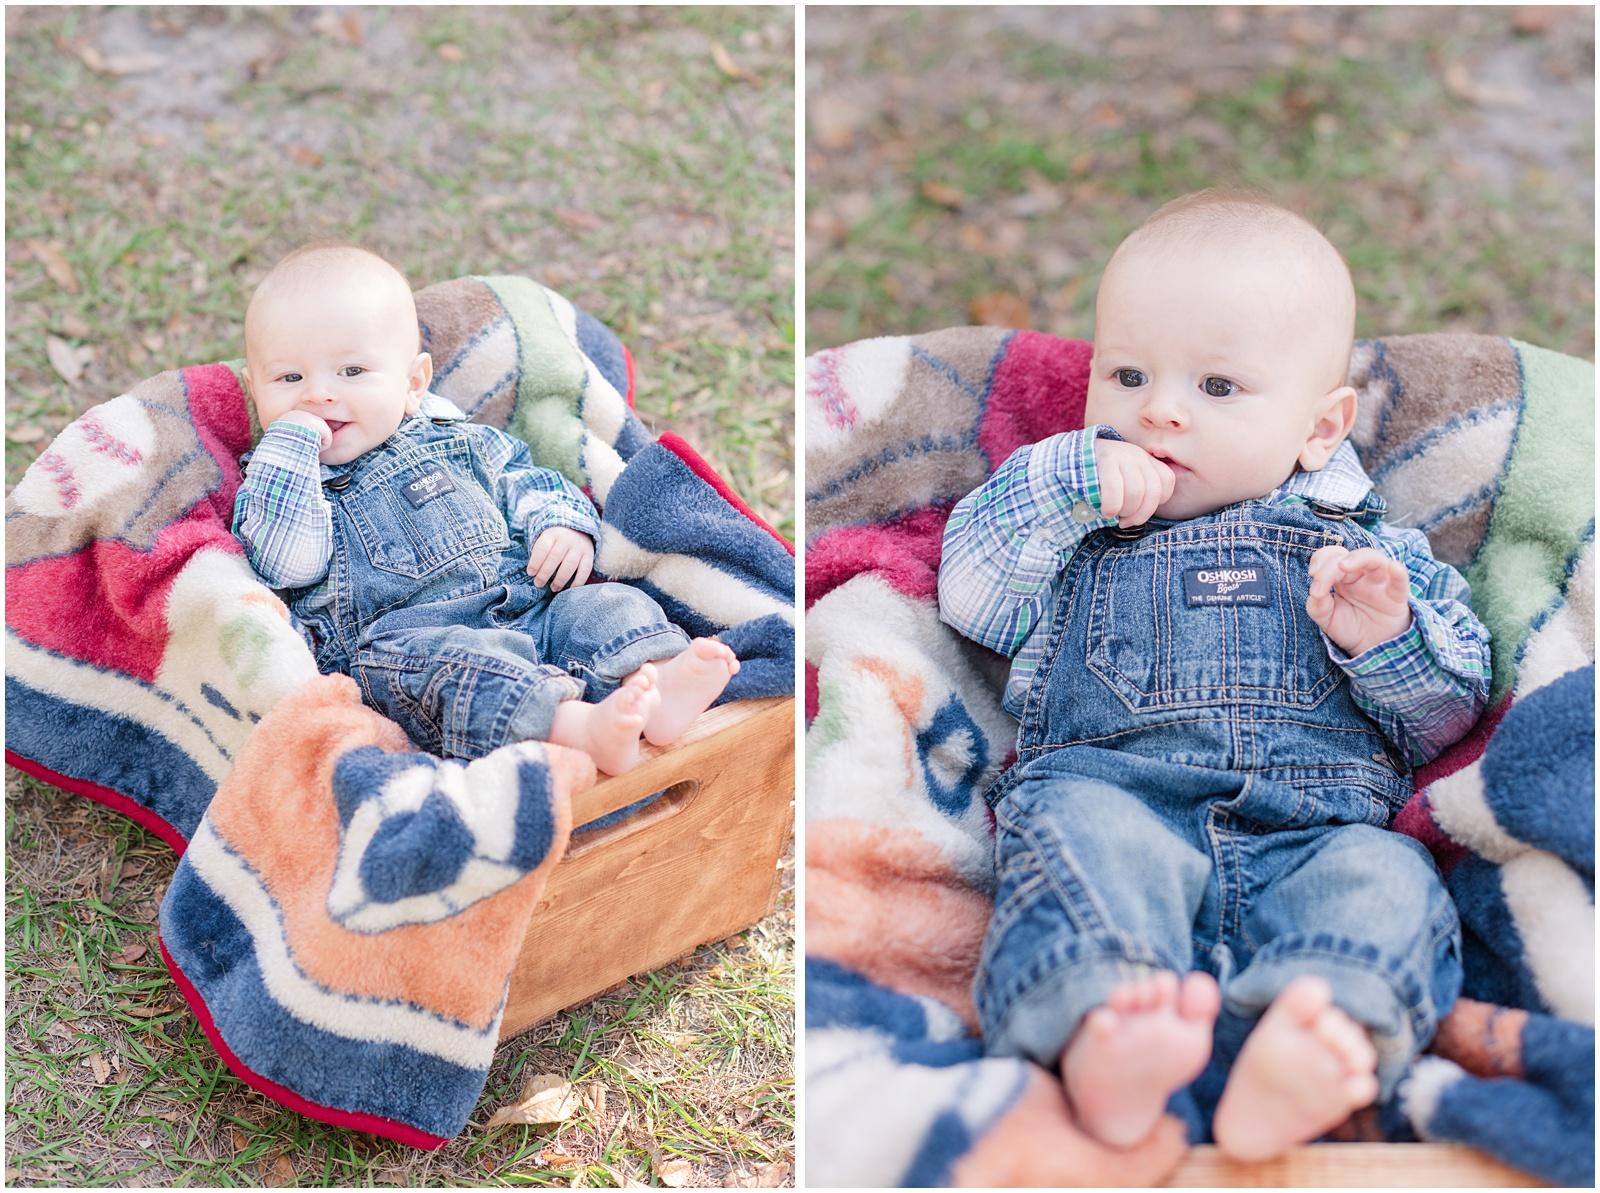 Newborn_Portraits_3 Months_Baby_Alpine Groves Park_9.jpg